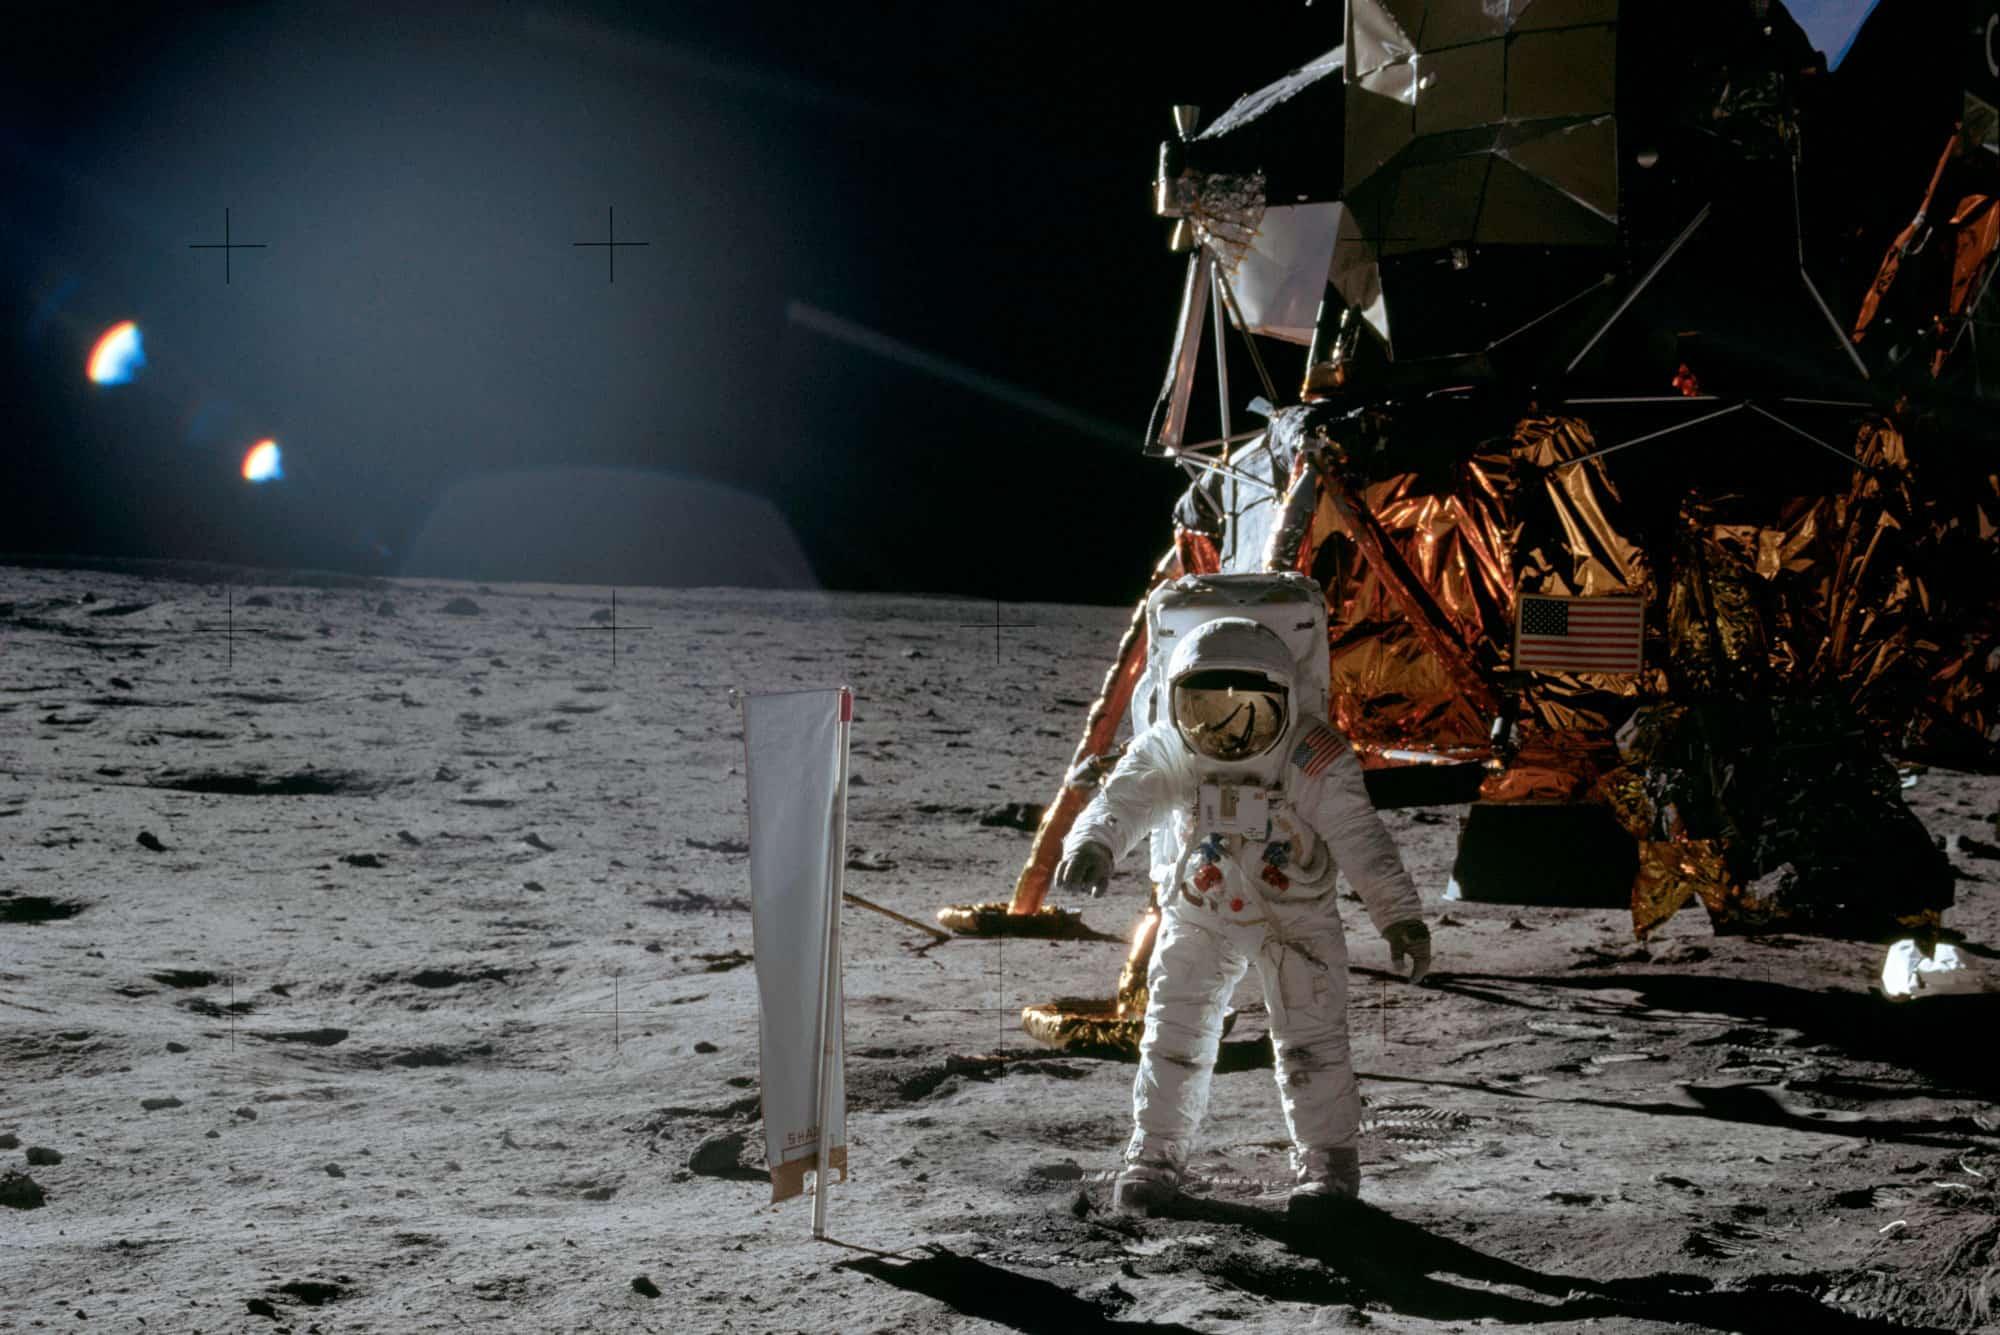 Buzz Aldrin fotografiado junto al módulo lunar